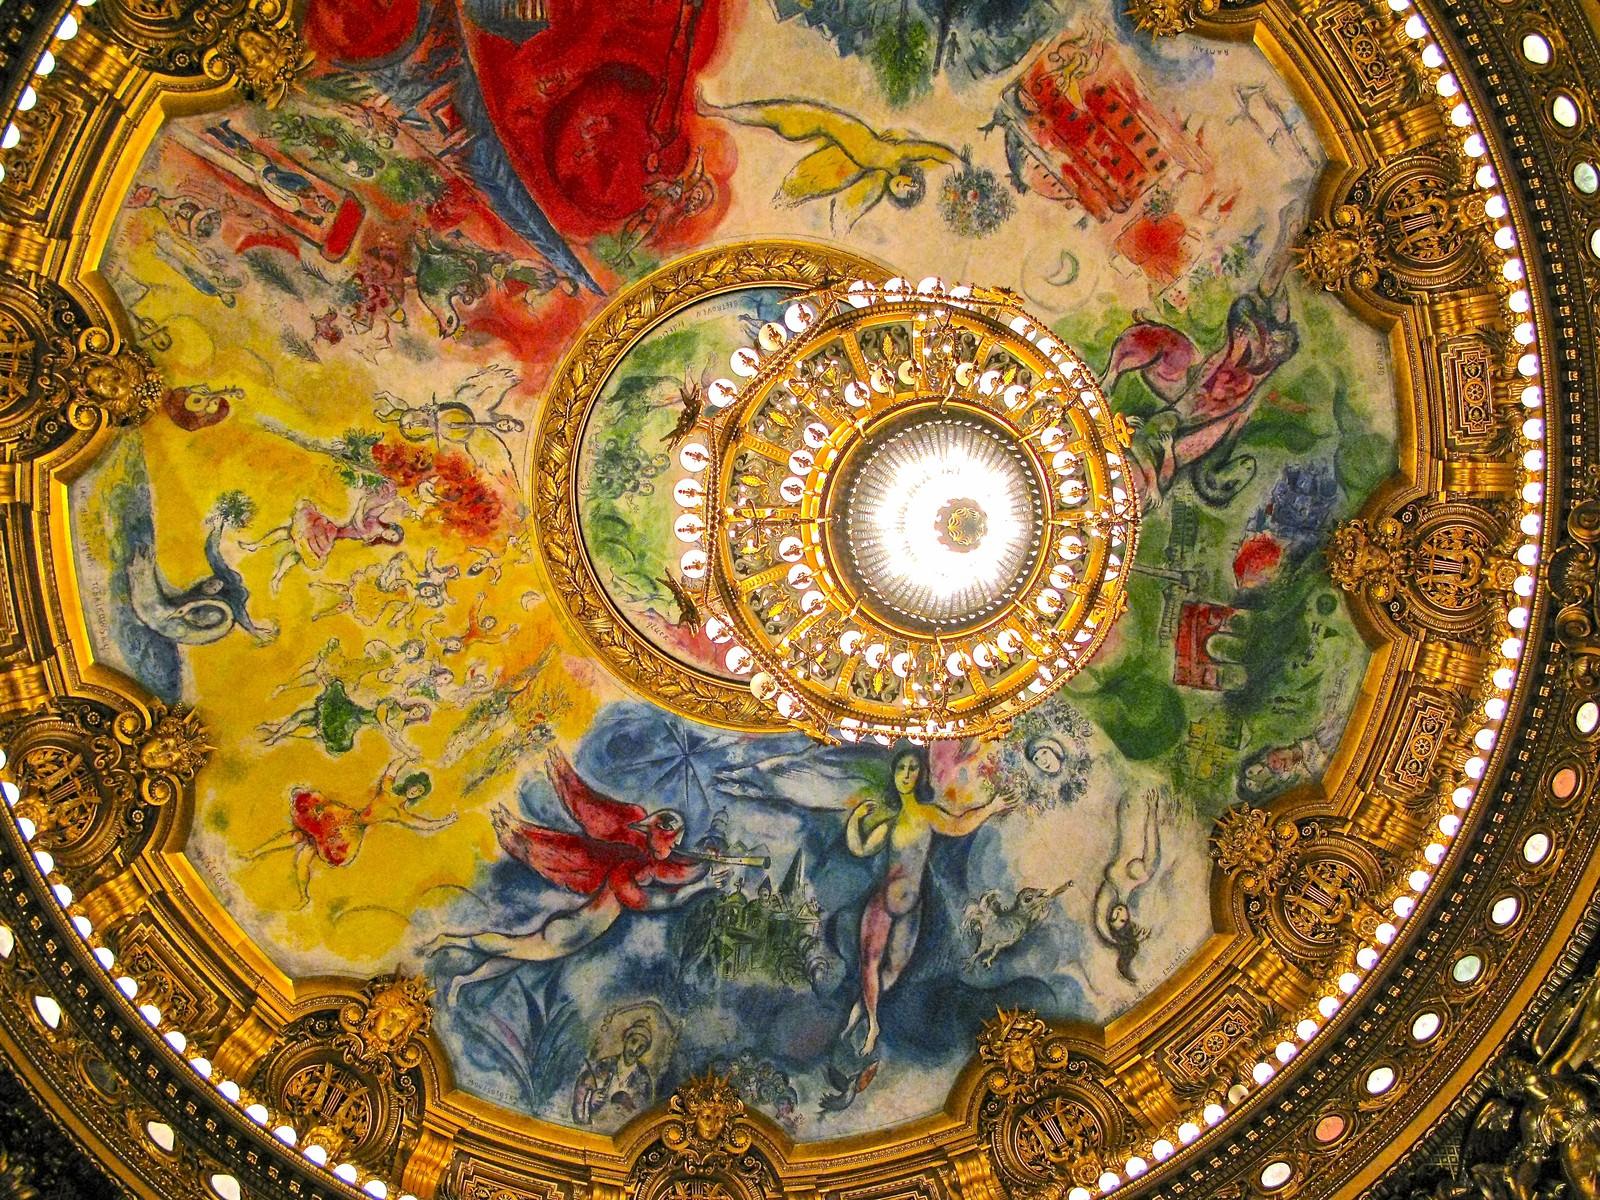 「オペラ・ガルニエの天井画」の写真